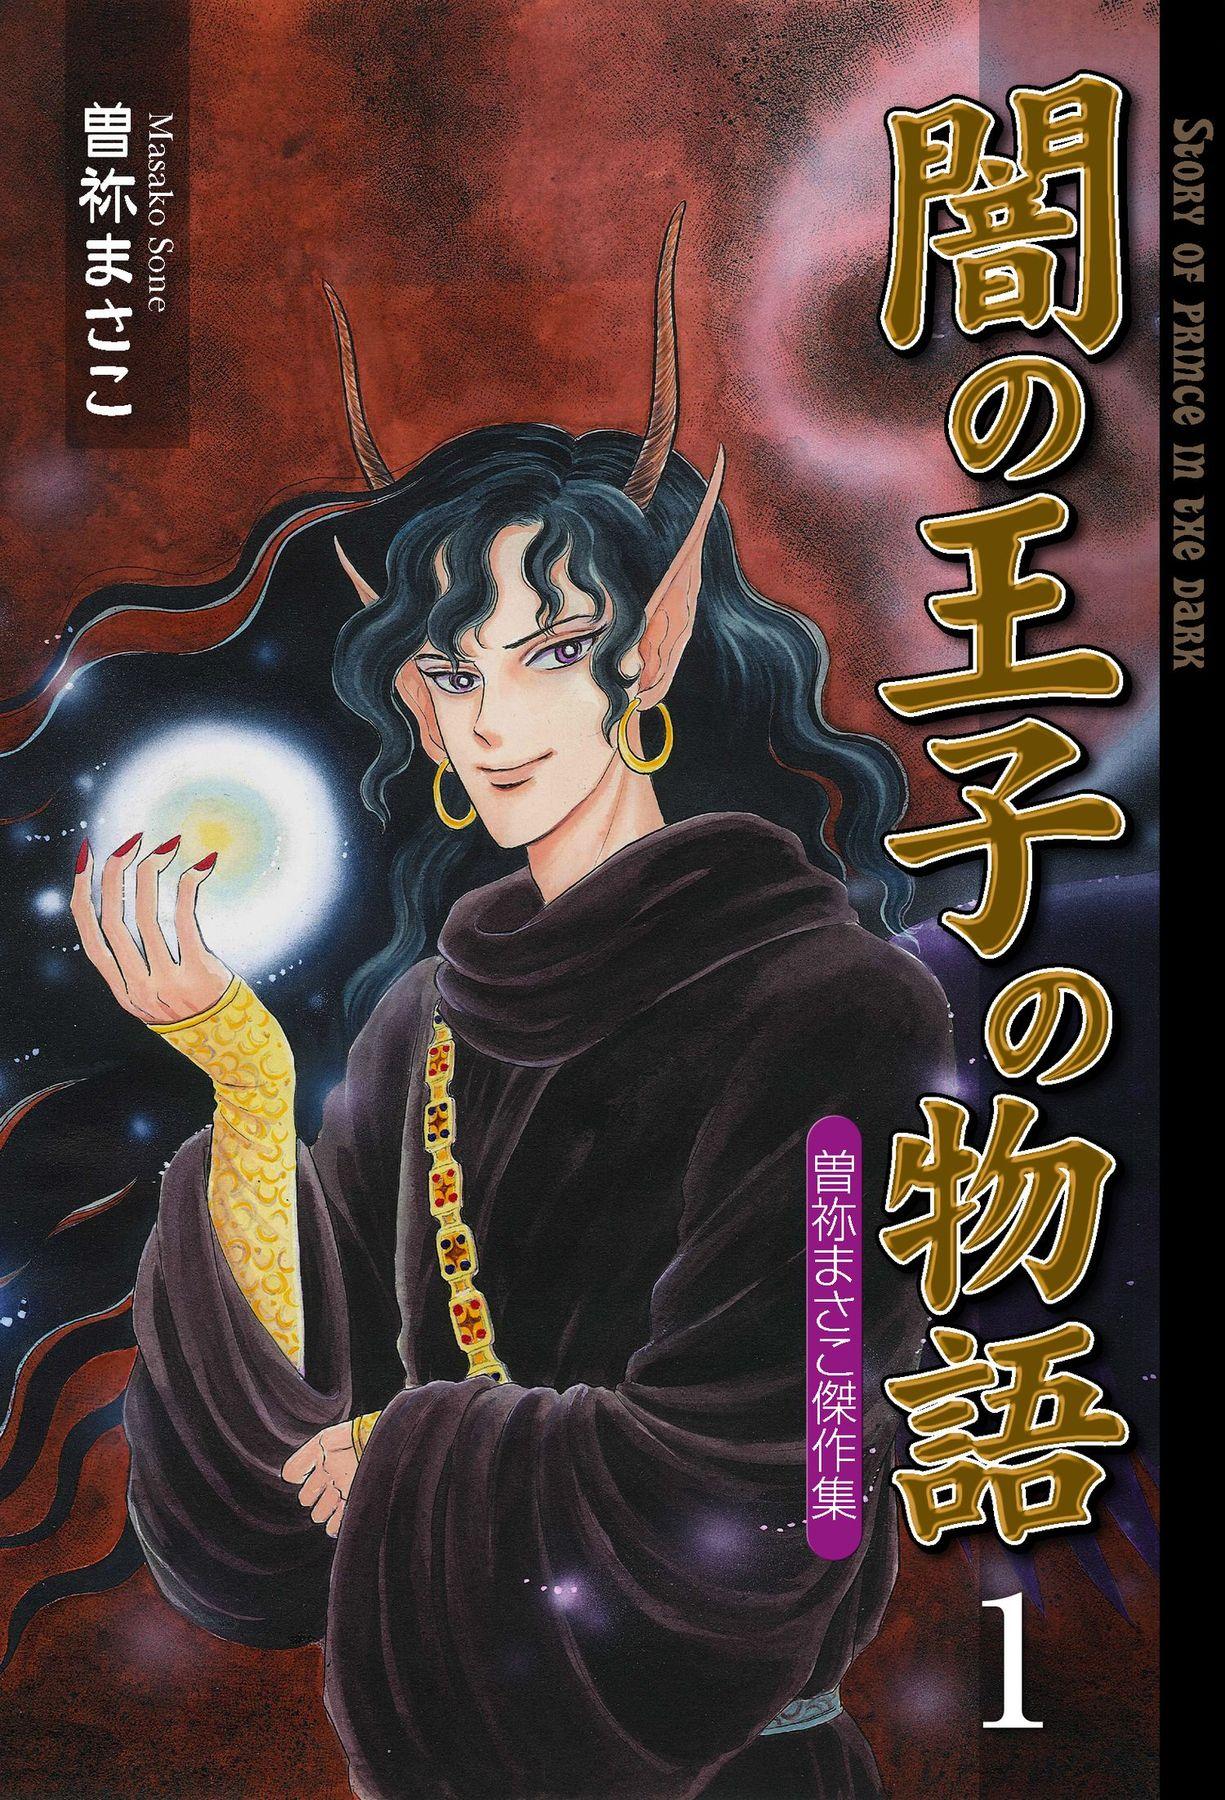 闇の王子の物語 曽祢まさこ傑作集(第1巻)